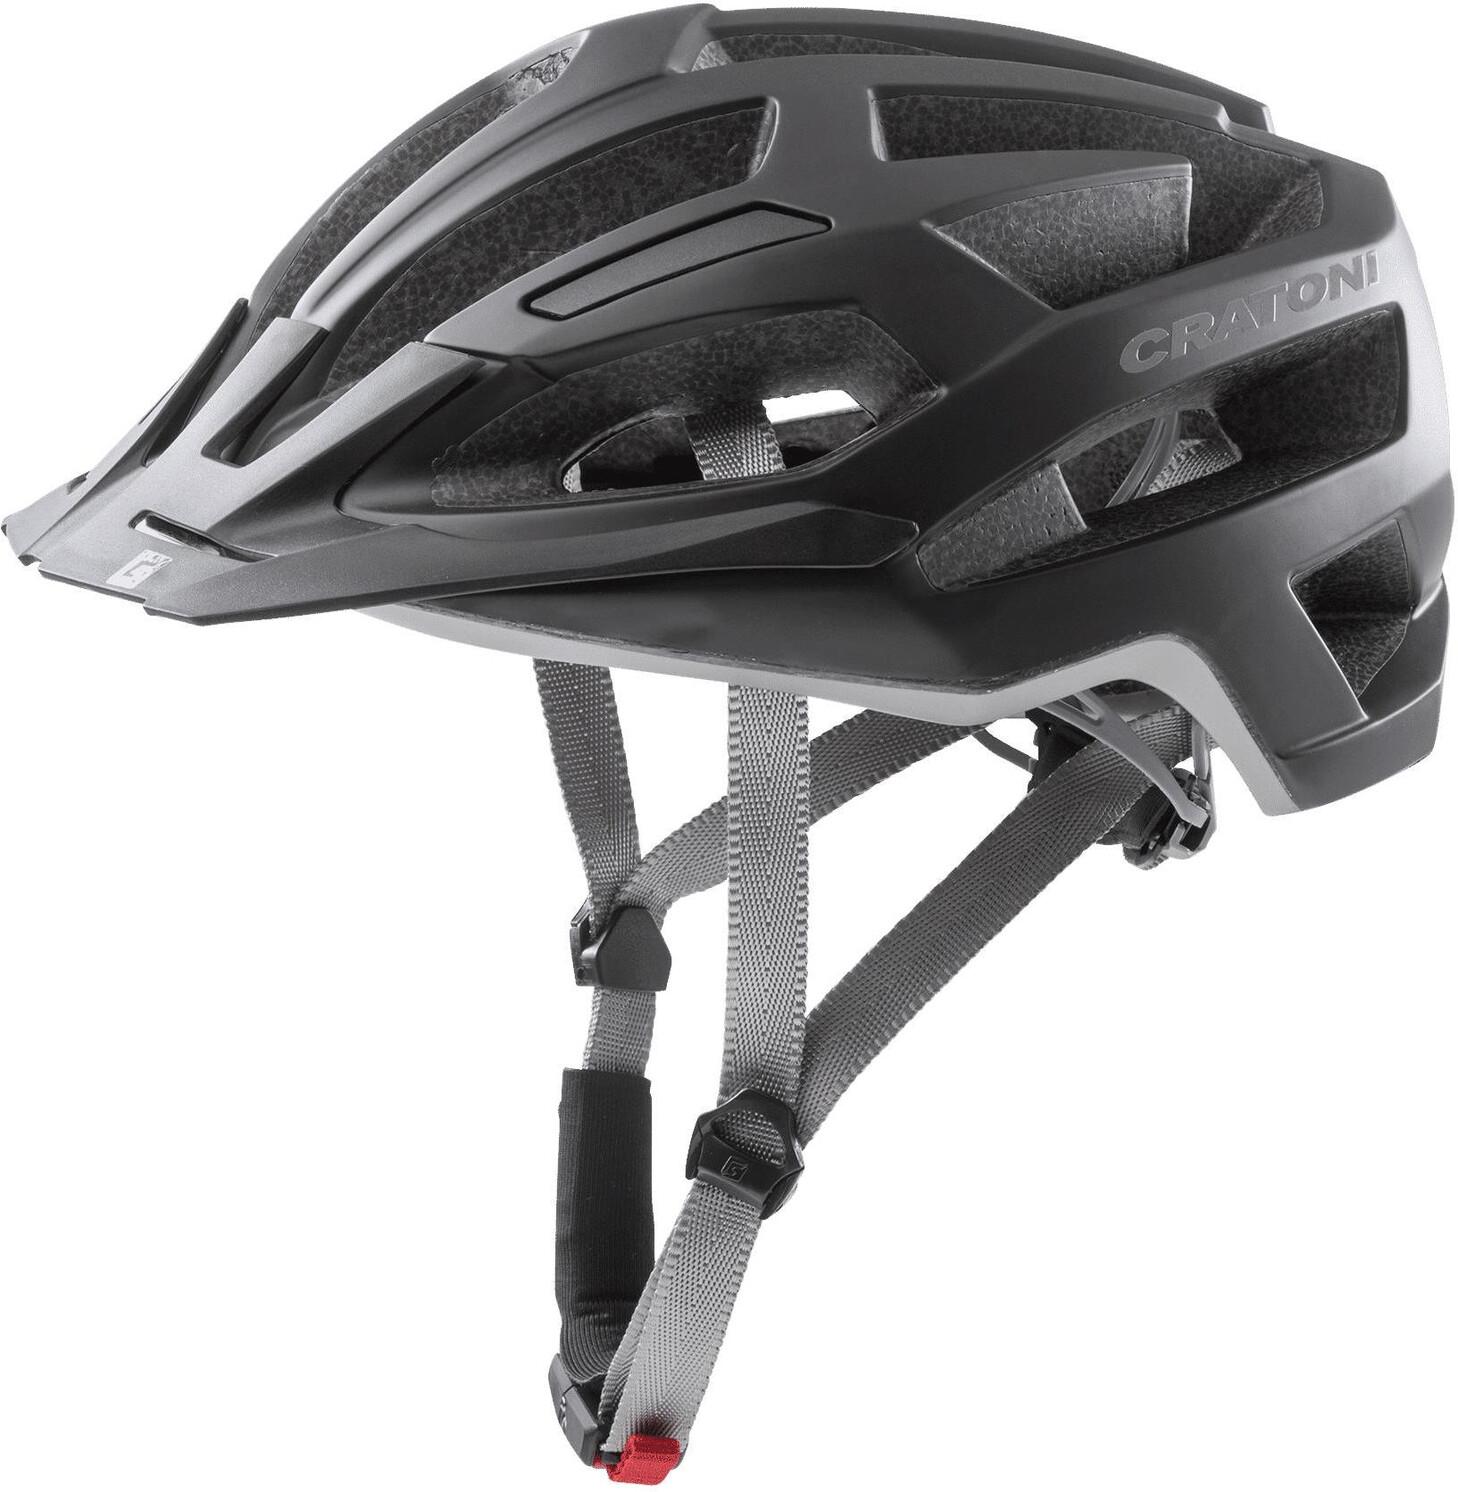 Damen Helm günstig kaufen | bikester.at 34